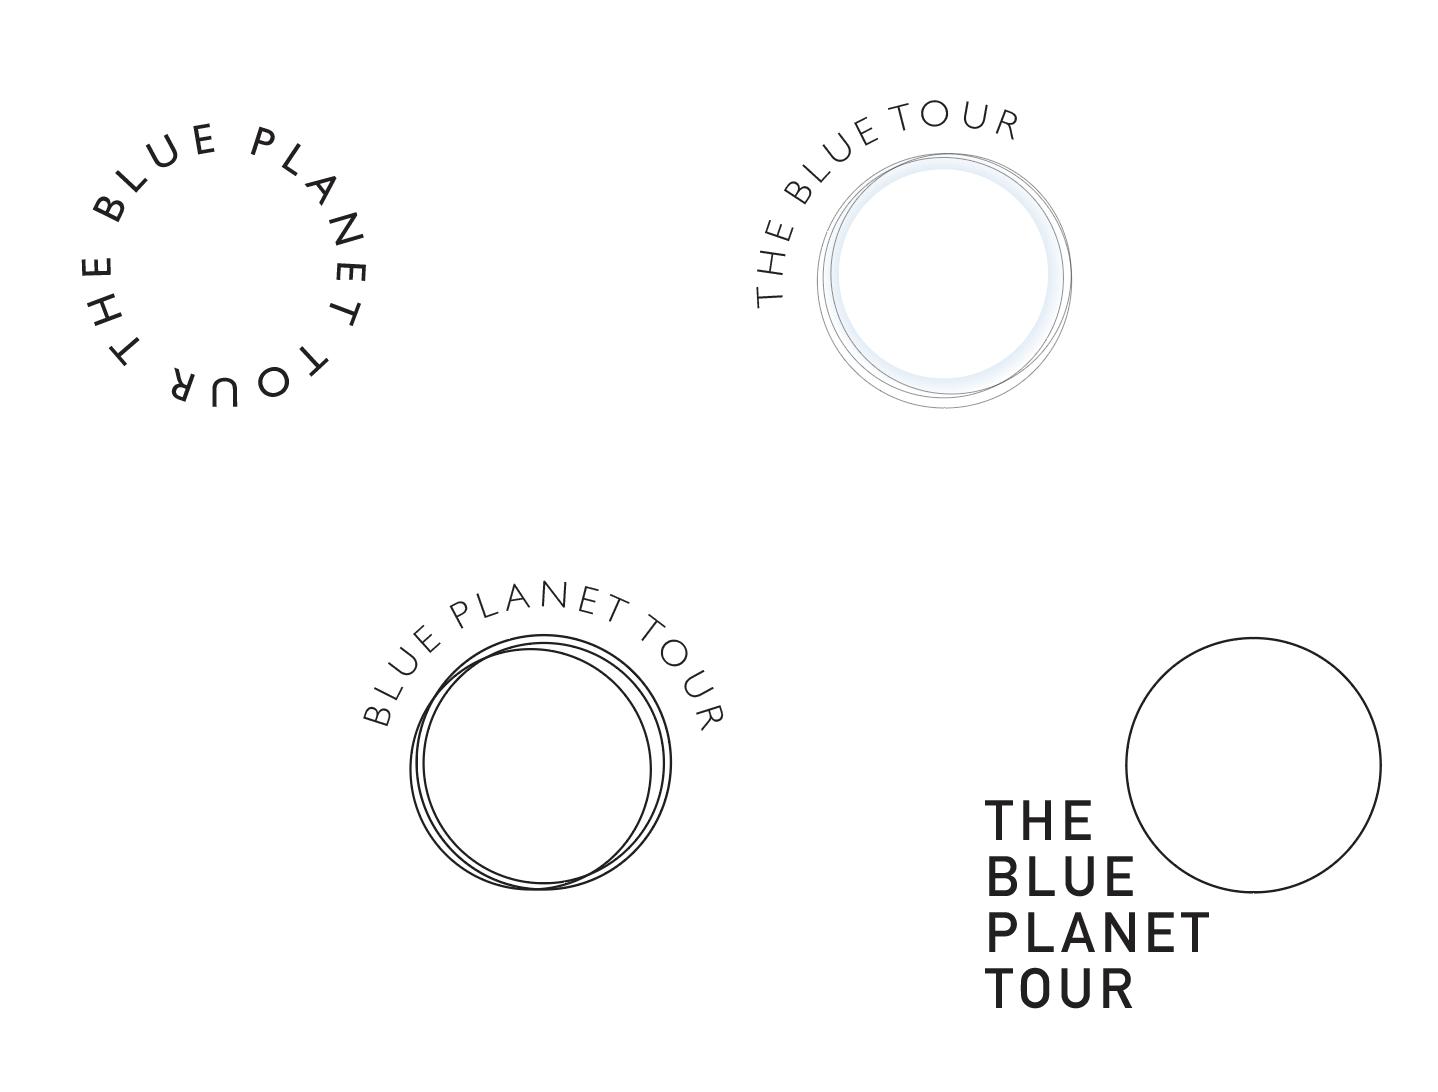 Circle motif logos